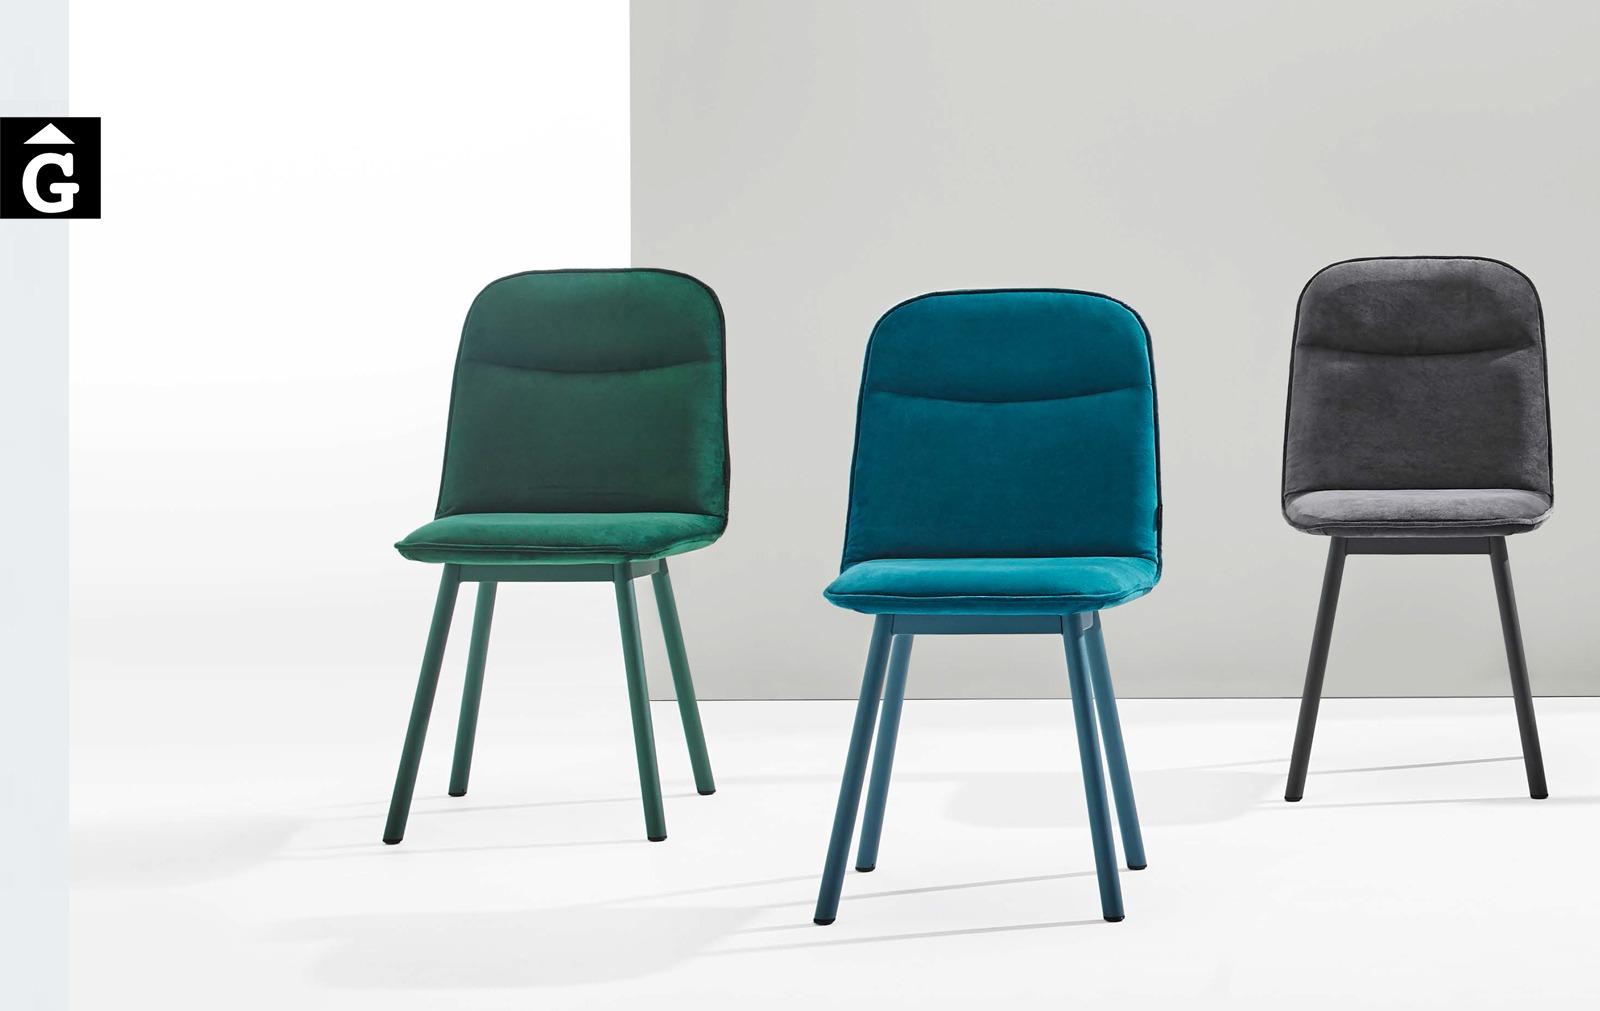 Köln cadira pota metall 3 color blau mobliberica per mobles Gifreu Porqueres Girona Catalunya Taules Cadires Sillons Butaques-Recovered